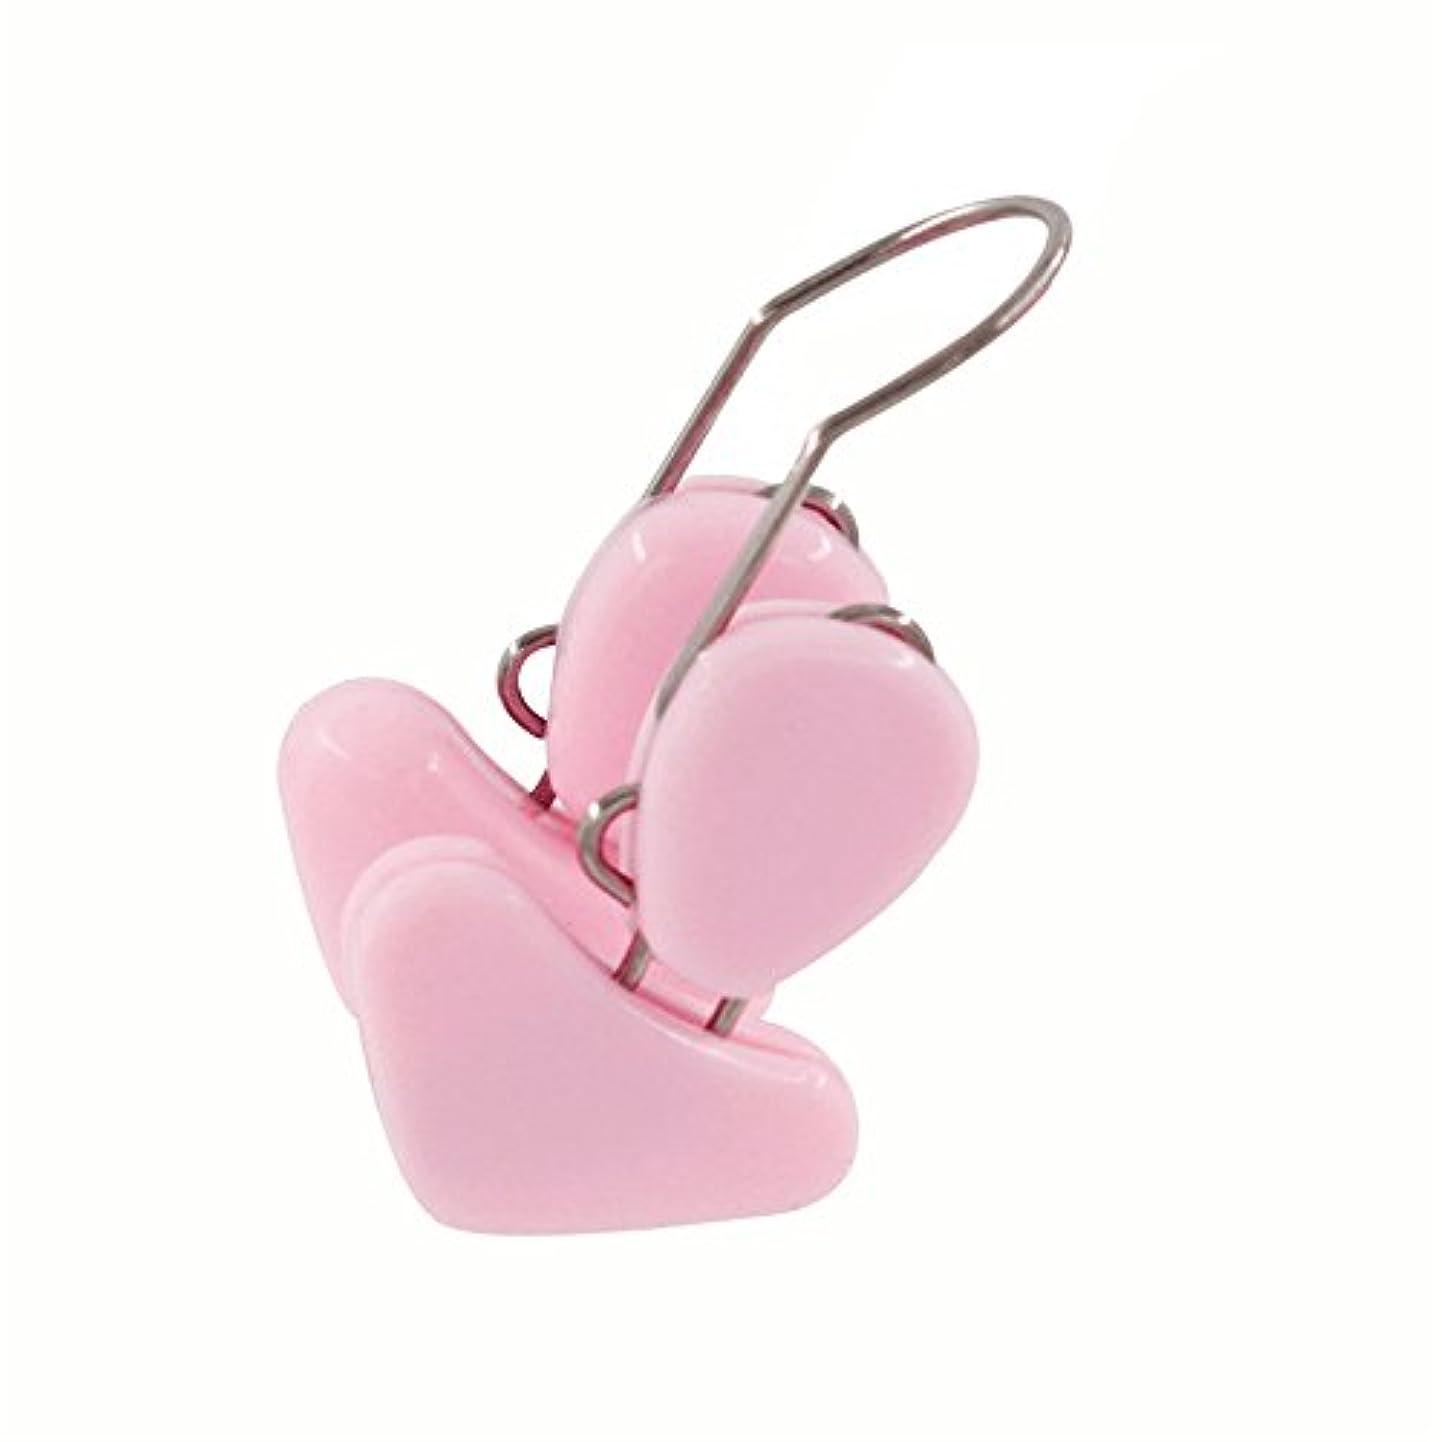 側溝道路ダニ鼻 整のクリップ 整形キット 美容クリップ ノーズリフティングシェイパー ストレートホーニングツール ピンク